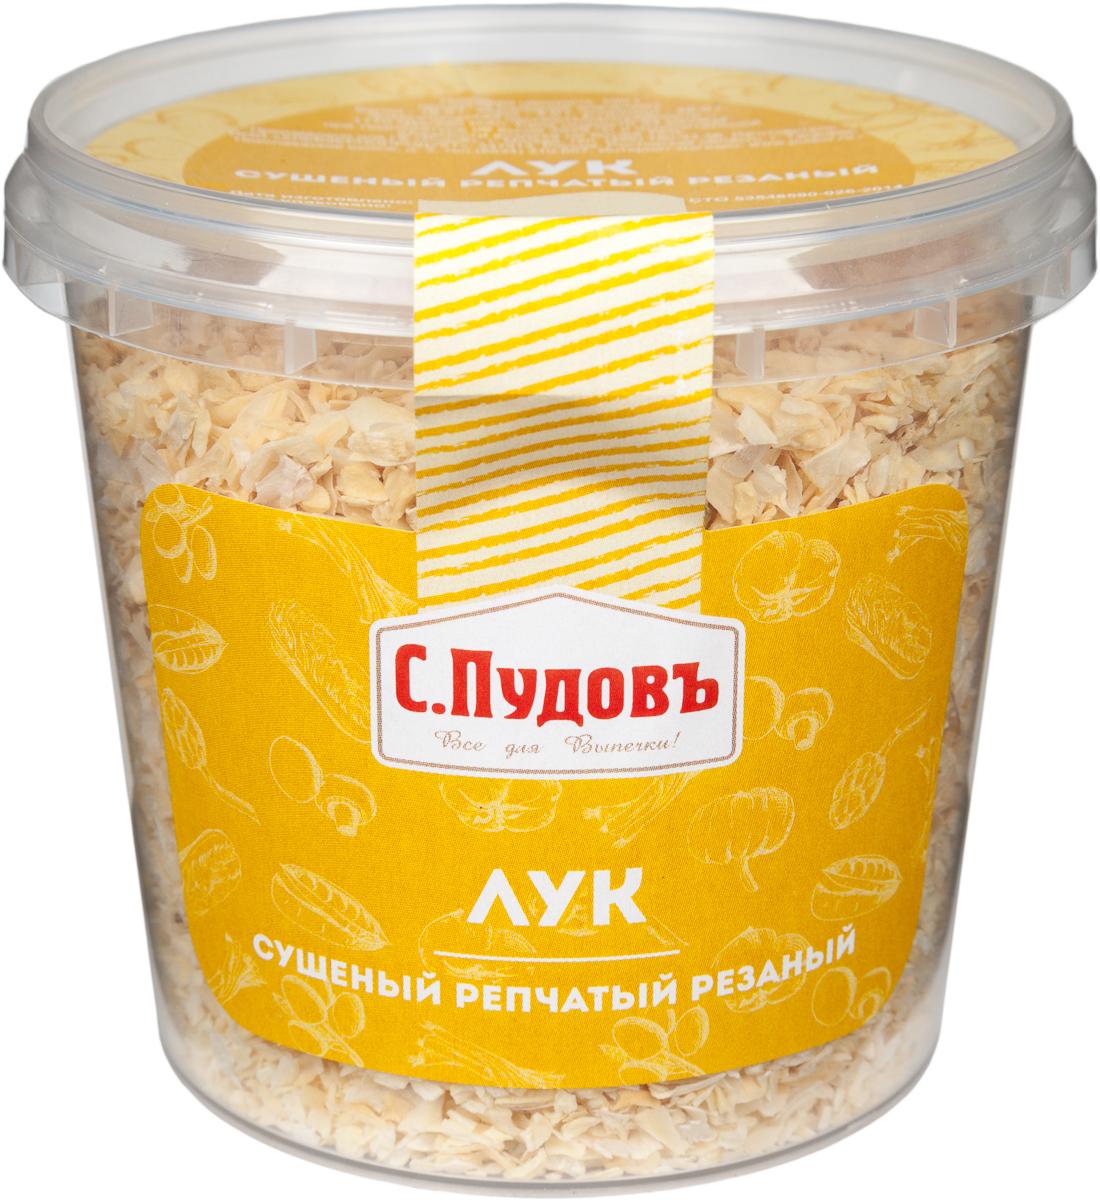 Пудовъ лук сушеный репчатый резаный, 130 г4607012297150Лук сушеный - натуральный ингредиент для выпечки пшеничных, ржаных, пшенично-ржаных хлебов, несладкой домашней выпечки. Придает насыщенный глубокий вкус. Незаменимый ингредиент начинок для пирогов.